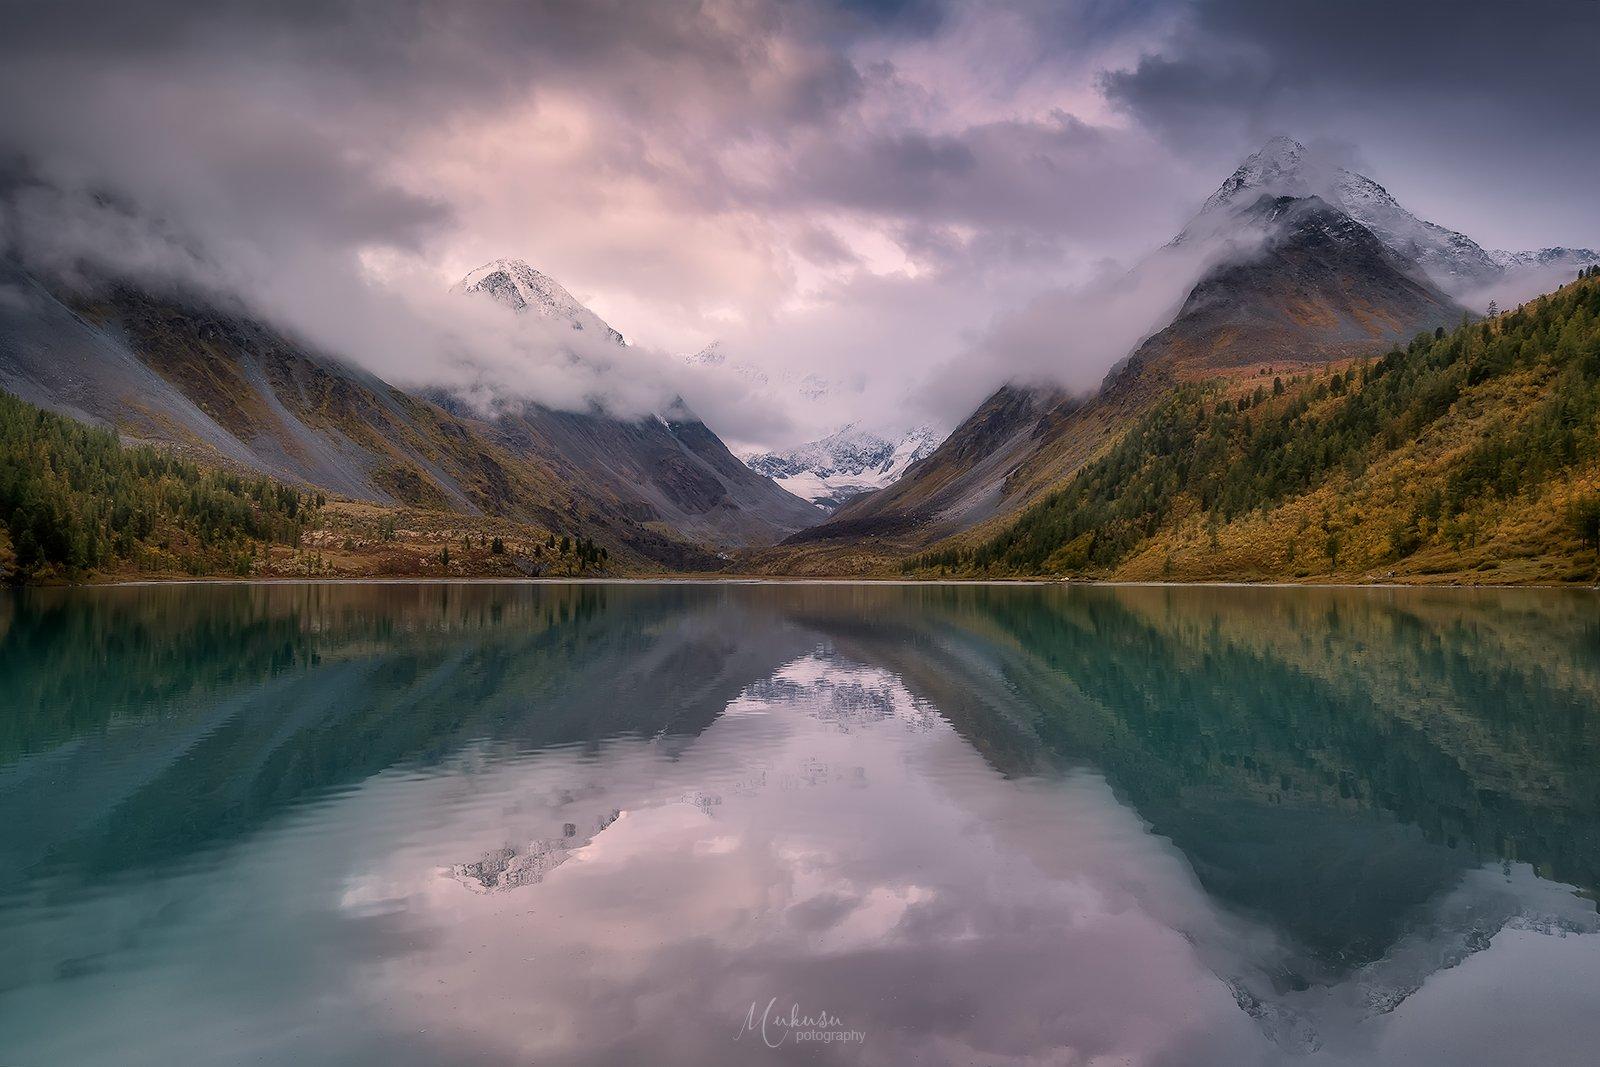 landscape, пейзаж, sunset, алтай, Алексей Самойленко